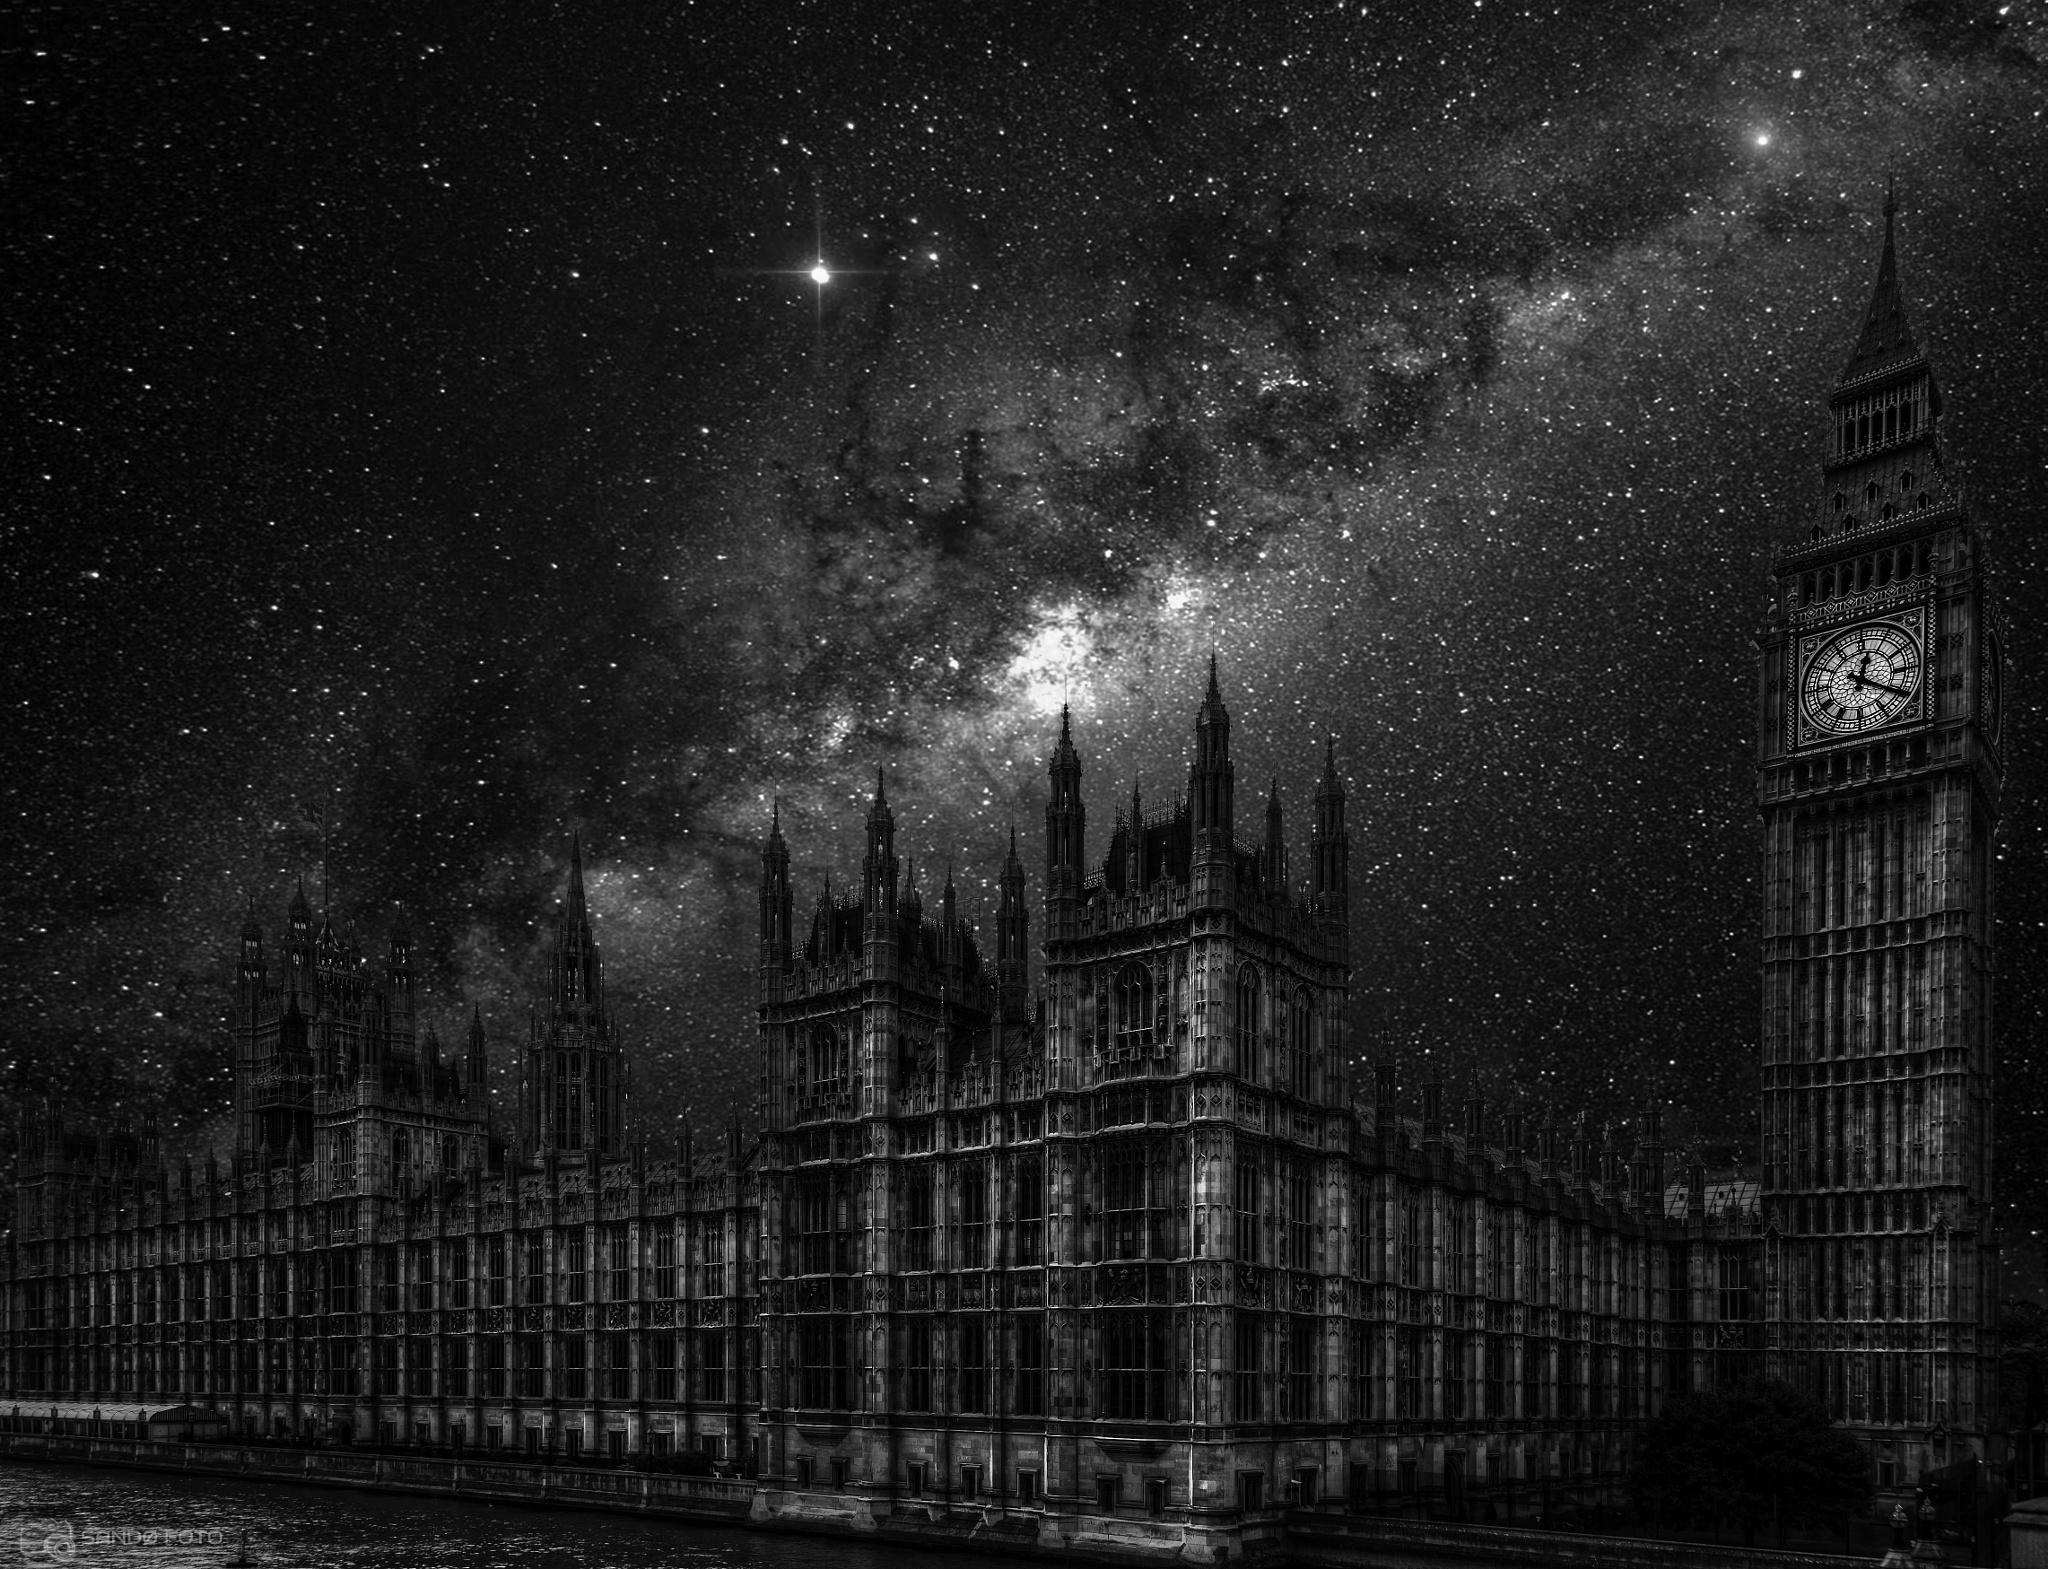 Big Ben by tjsandofoto